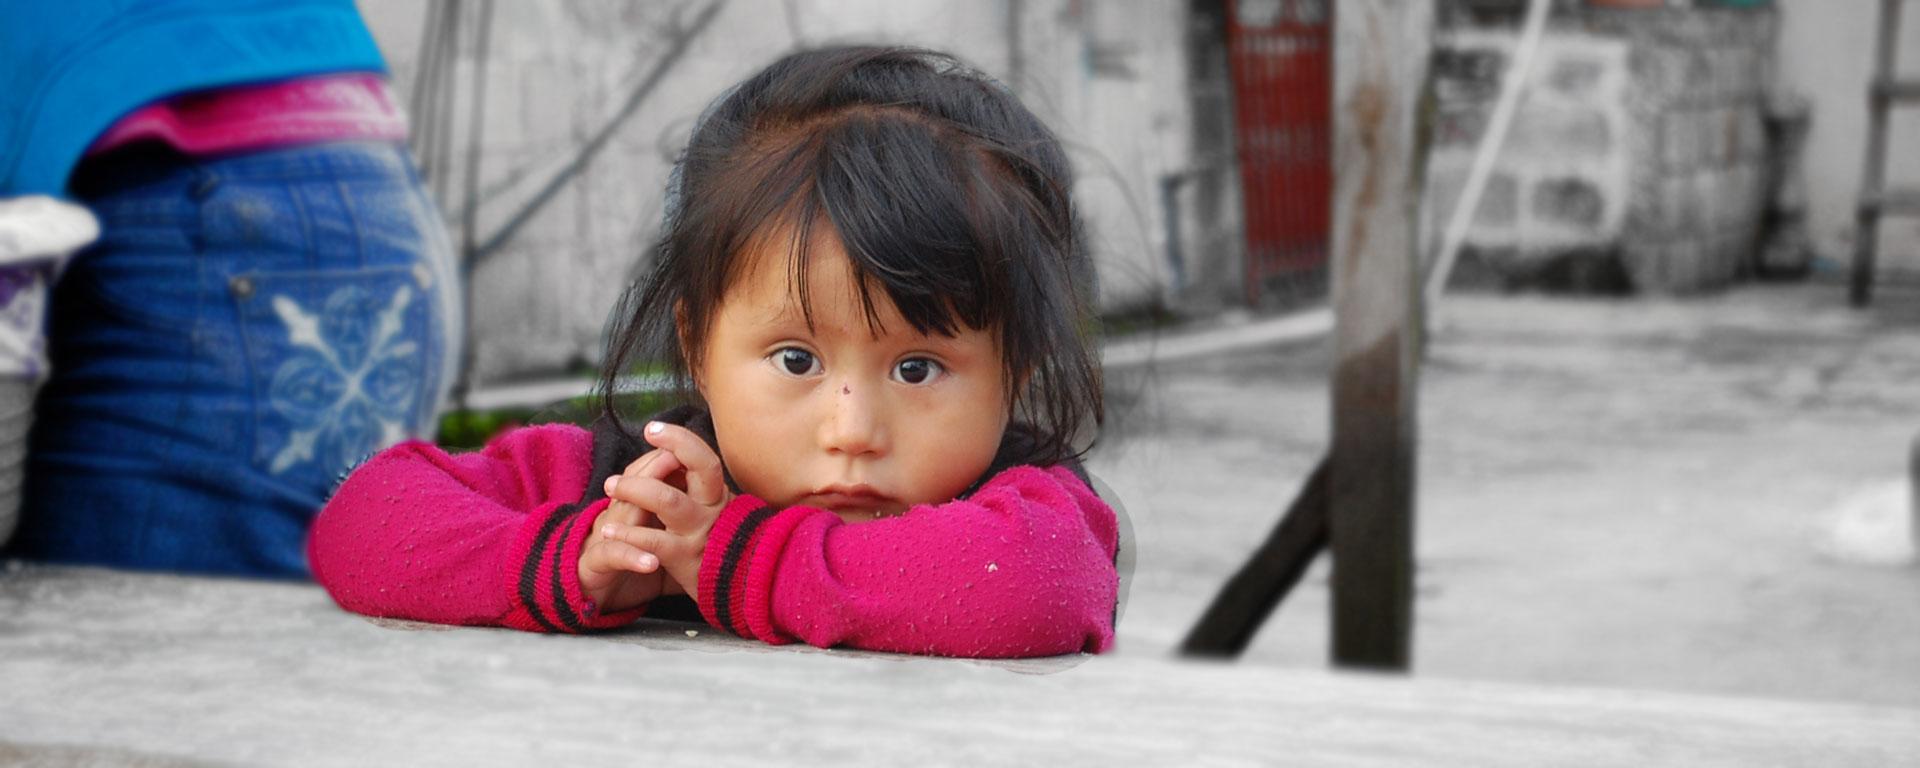 occhi bambina guatemalteca Hermana Tierra Onlus, Associazione di volontari laici e cristiani operante in Guatemala